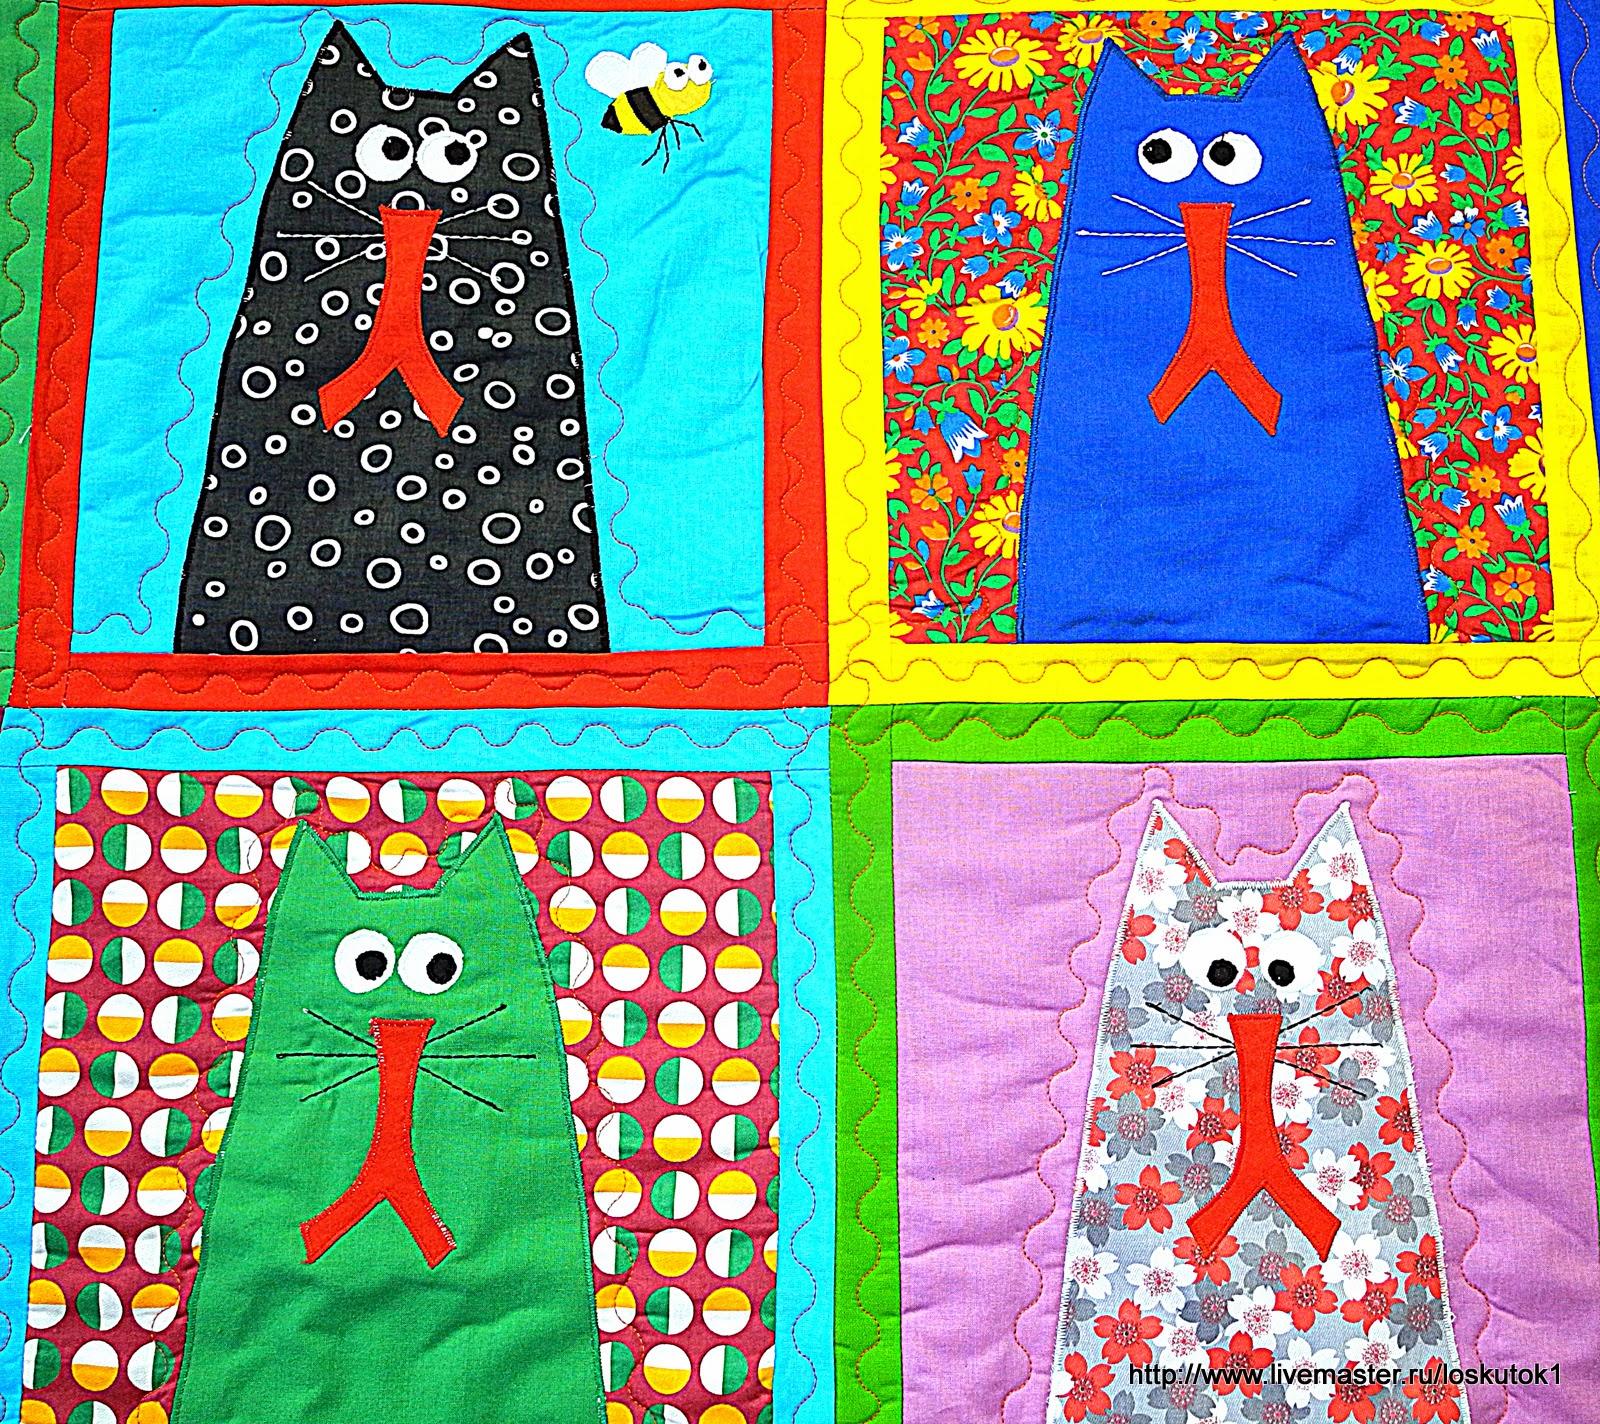 Купить лоскутное одеяло детское Купить пэчворк одеяло детское Куплю лоскутное покрывало детское Купить одеяло детское лоскутное Одеяло пэчворк детское куплю Лоскутное детское одеяло купить Кошка Кот Пэчворк Лоскутное одеяло Лоскутное шитье Пэчворк квилтинг лоскутное шитье Пэчворк покрывало Пэчворк работы Пэчворк одеяло Пэчворк одеяло детское Одеяло лоскутное Одеяло пэчворк Кошки Печворк одеяло